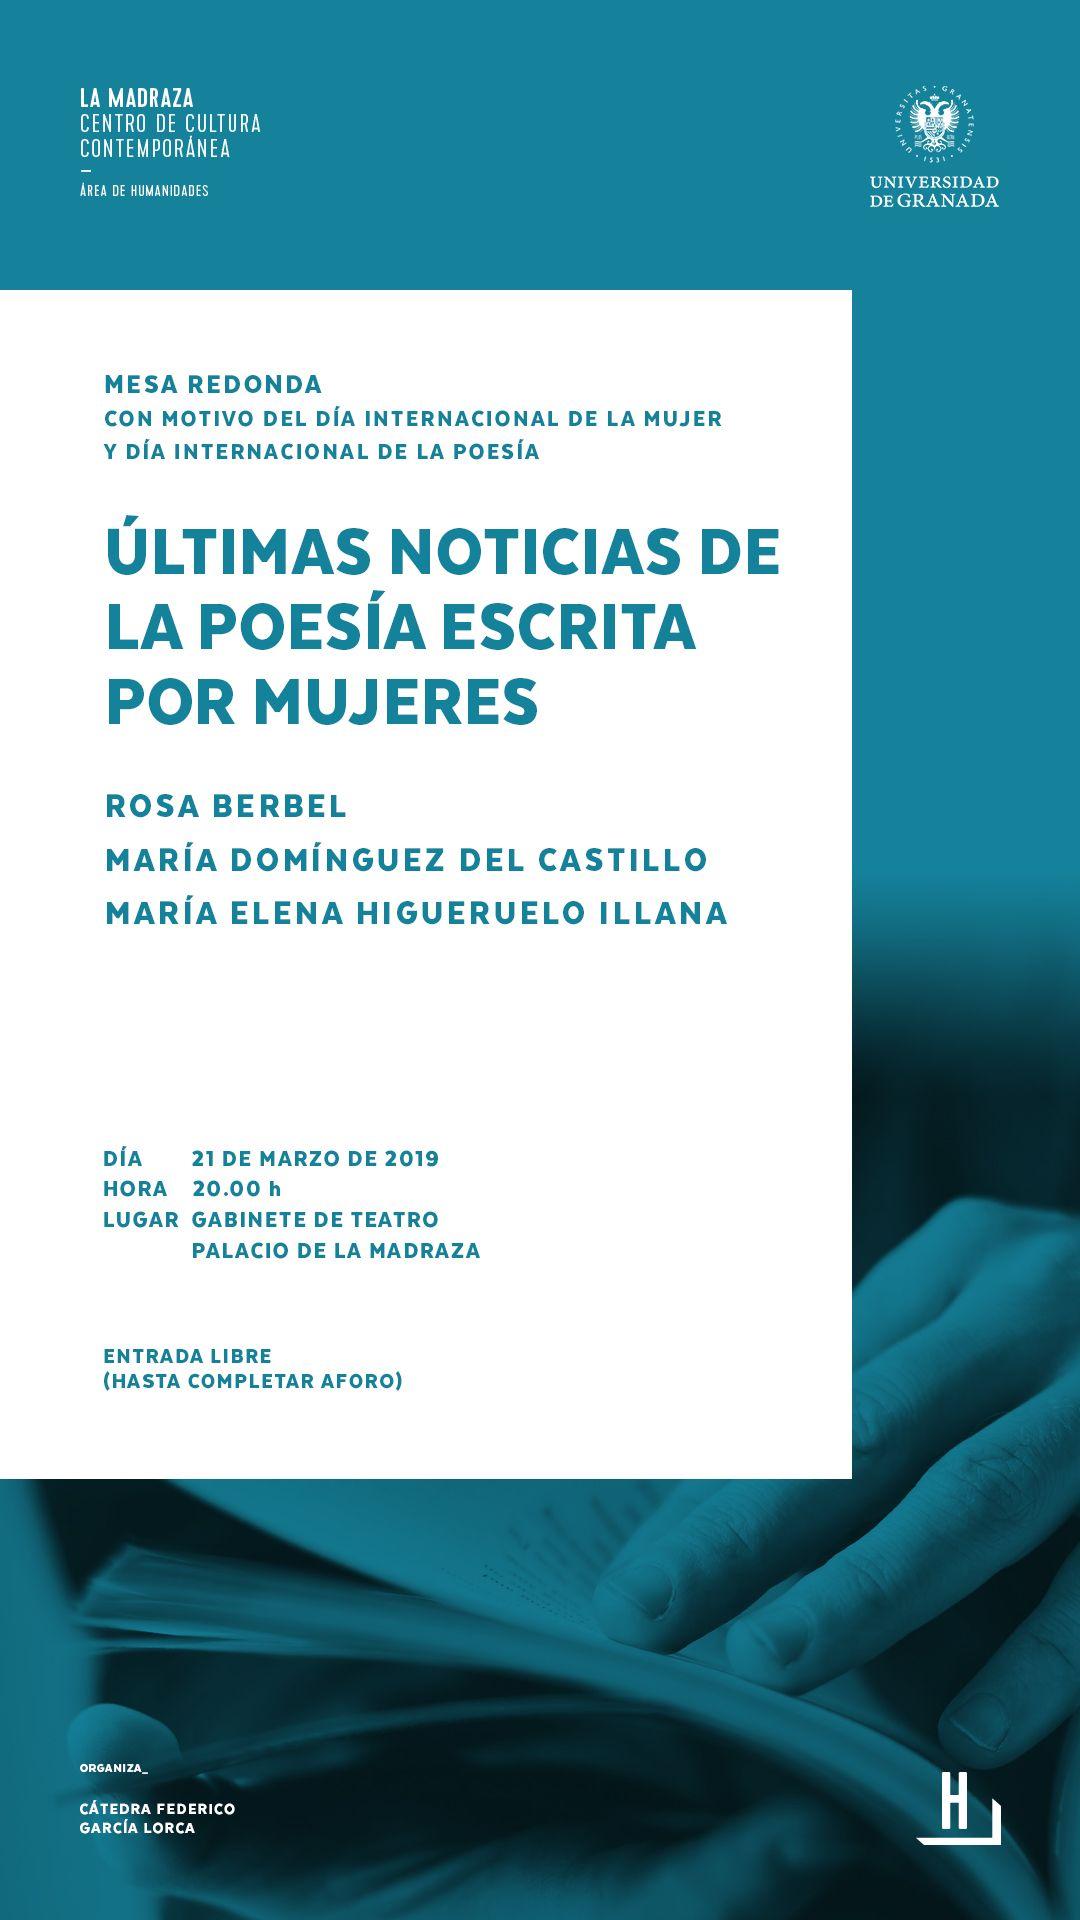 Pin En área De Humanidades Y De Ciencias Sociales Y Jurídicas